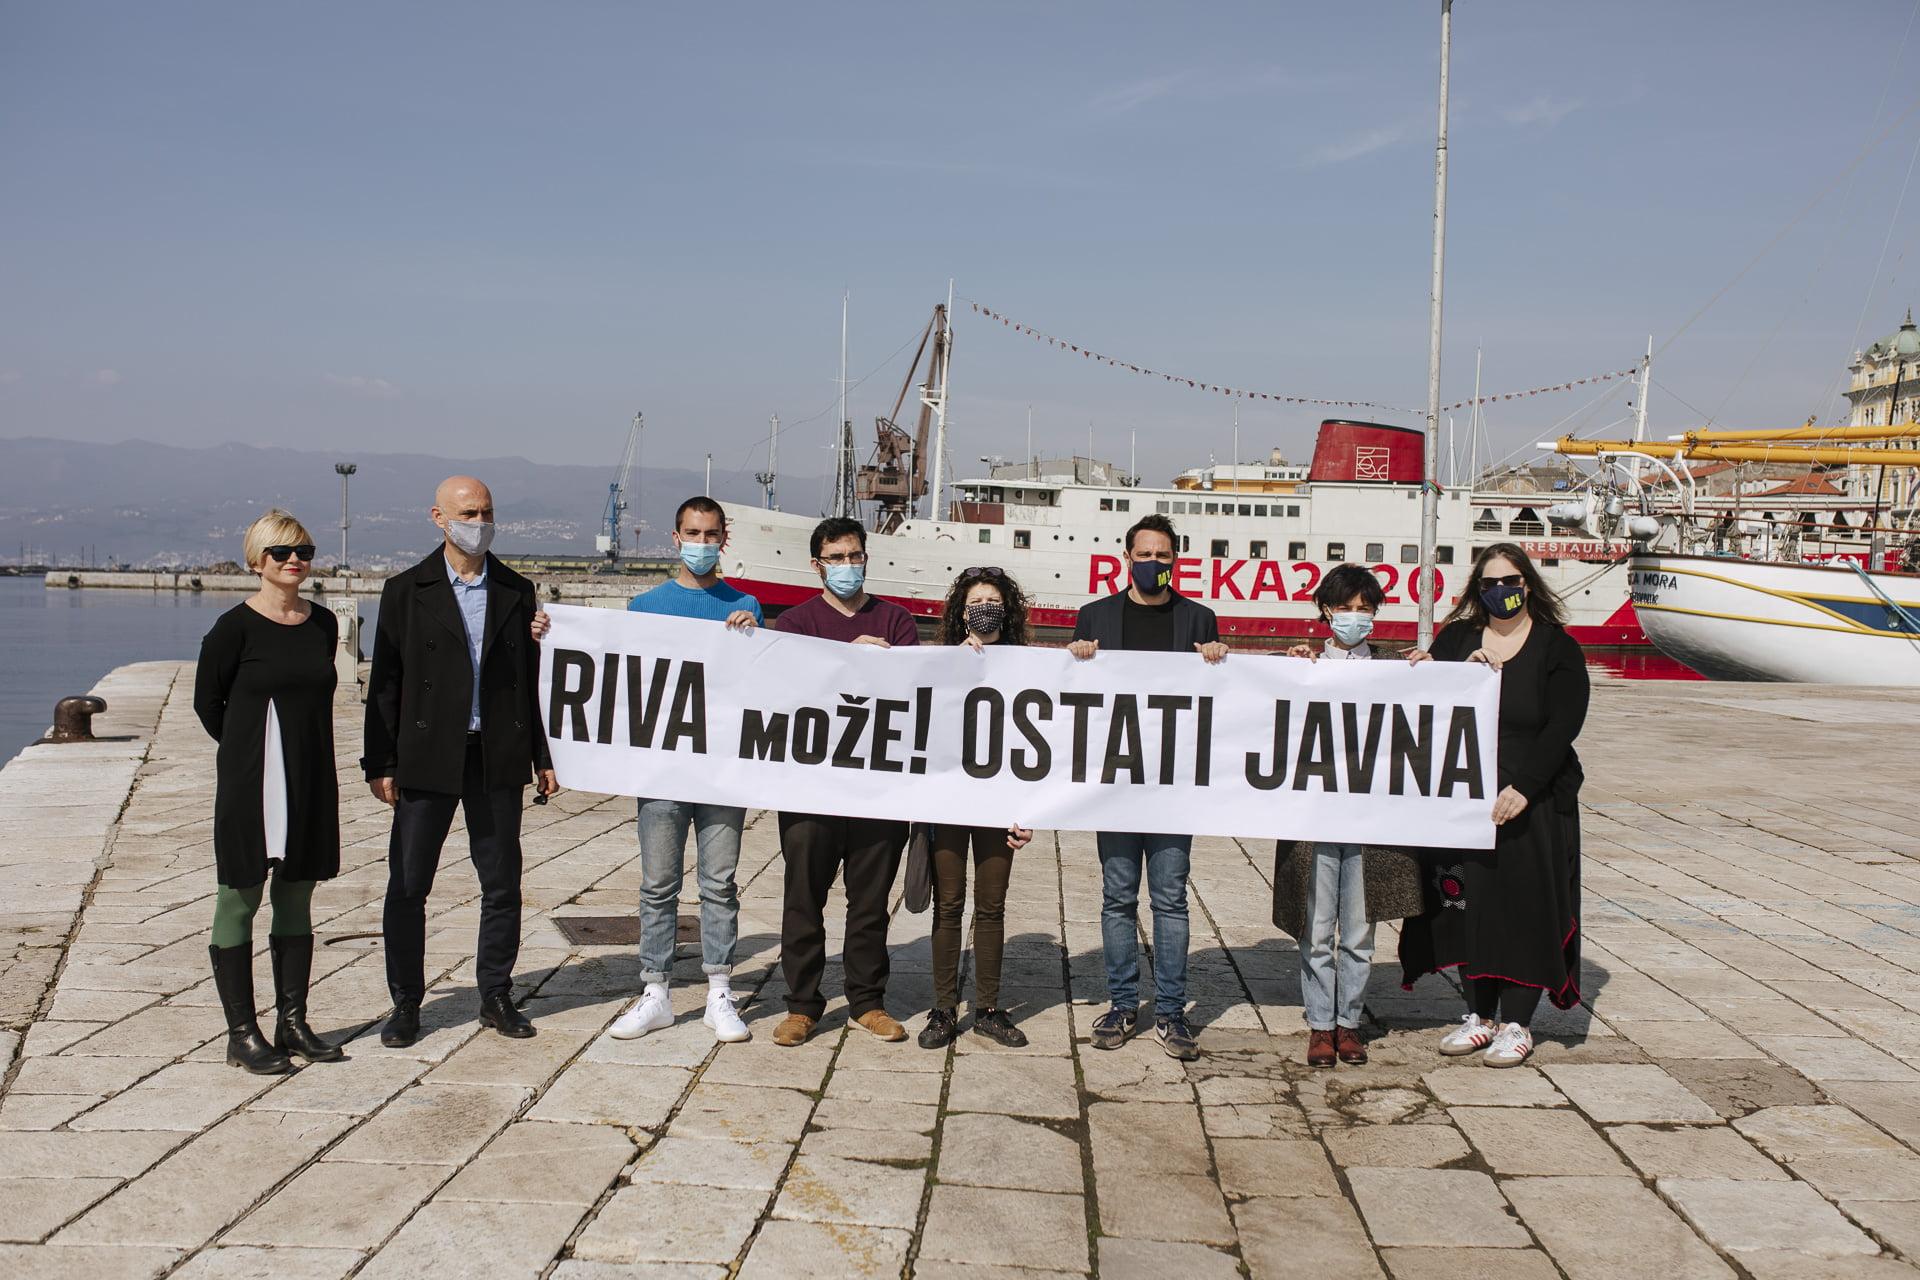 Riva mora ostati dostupna građanima i građankama Rijeke!